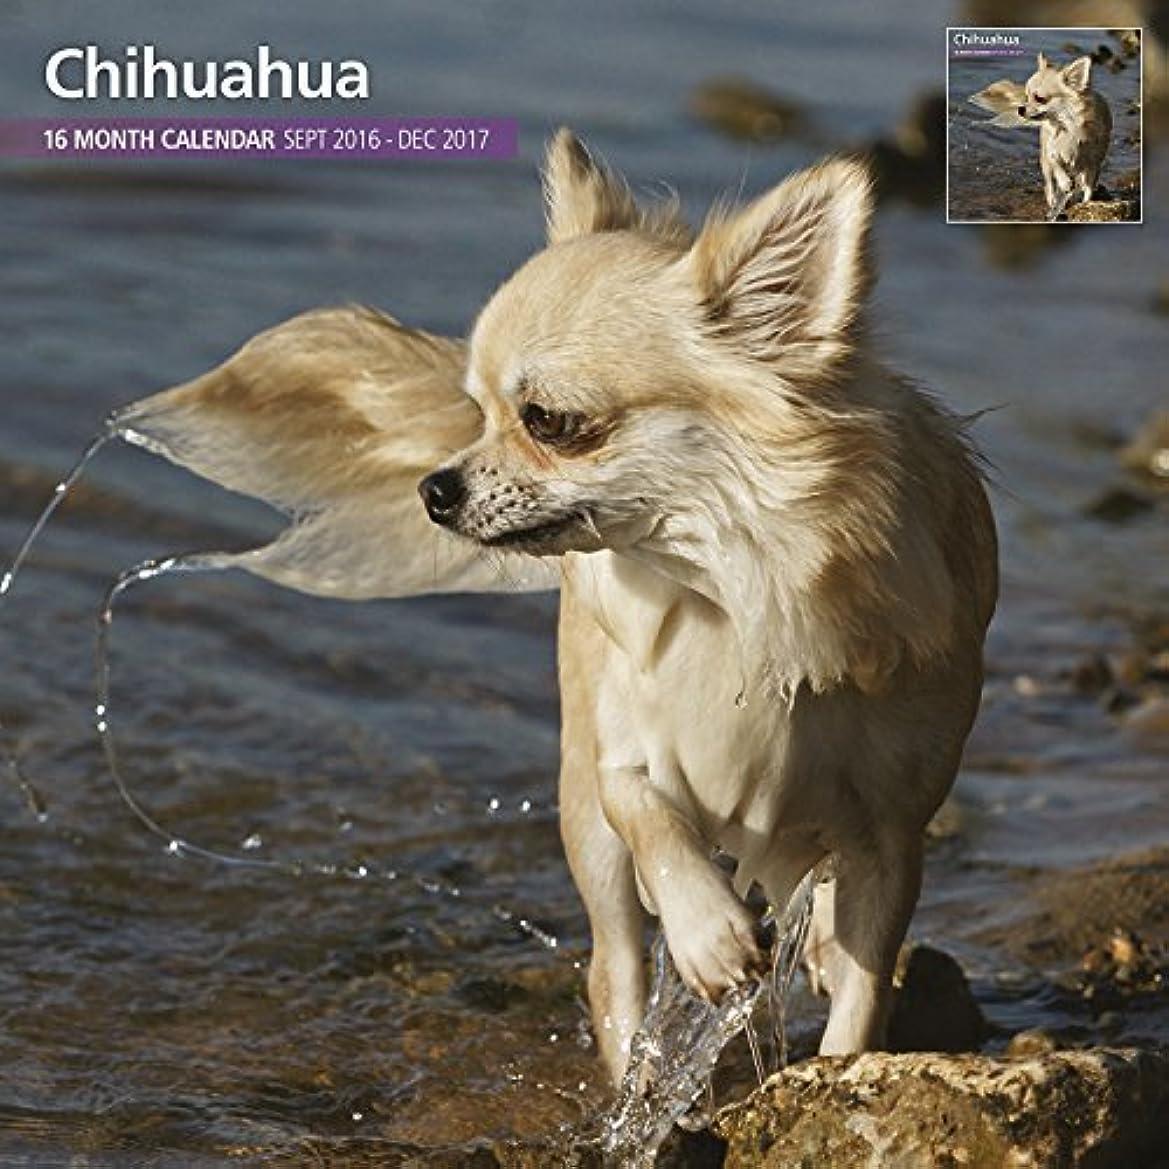 常識ジョガーミシンMagnet & Steel 2017 Chihuahua Calendar Traditional Calendar [並行輸入品]